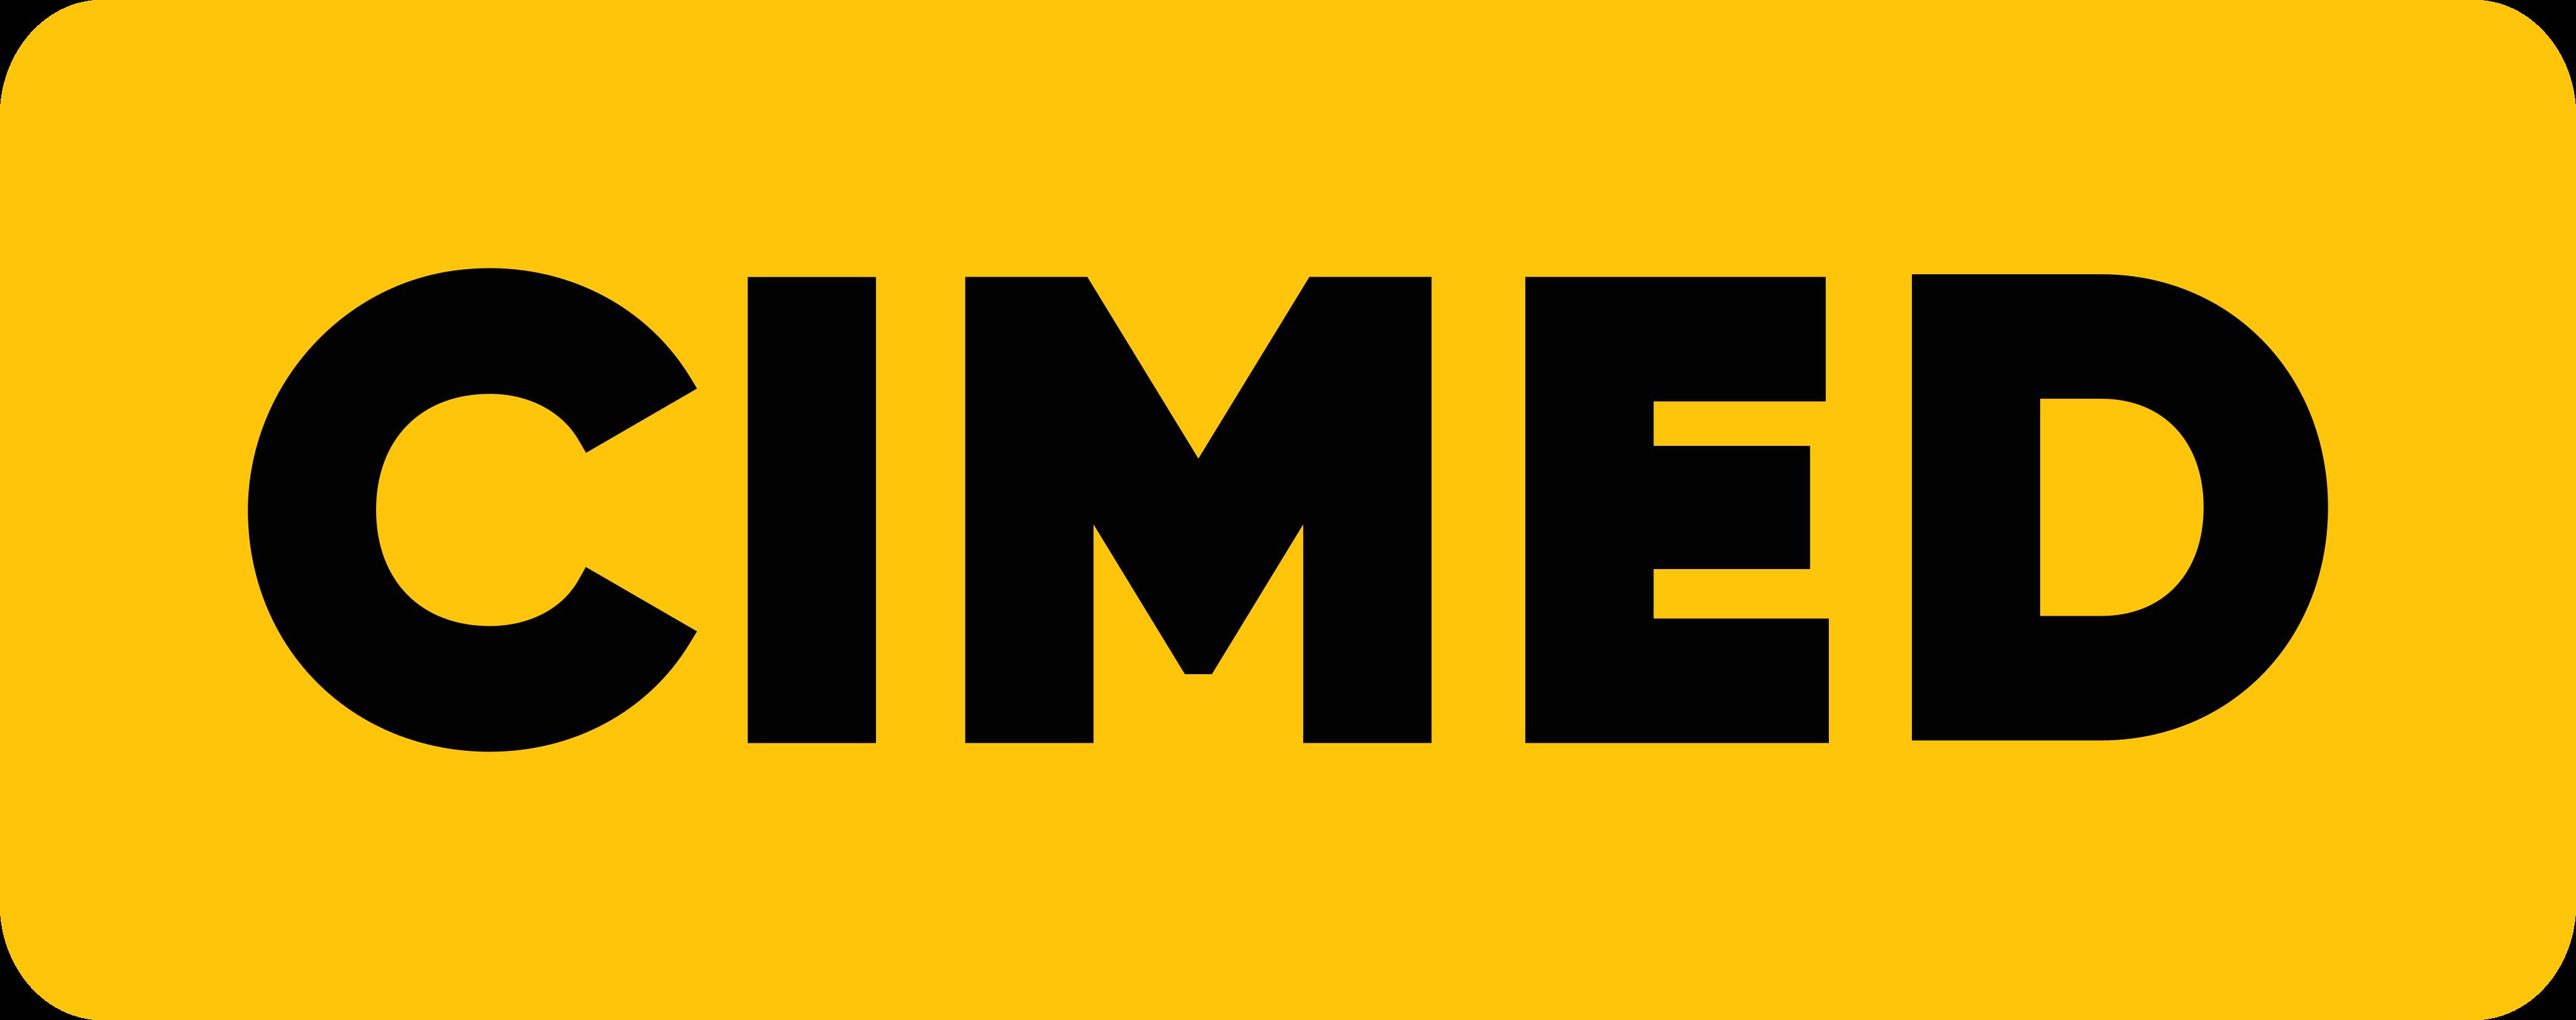 CIMED Logo.